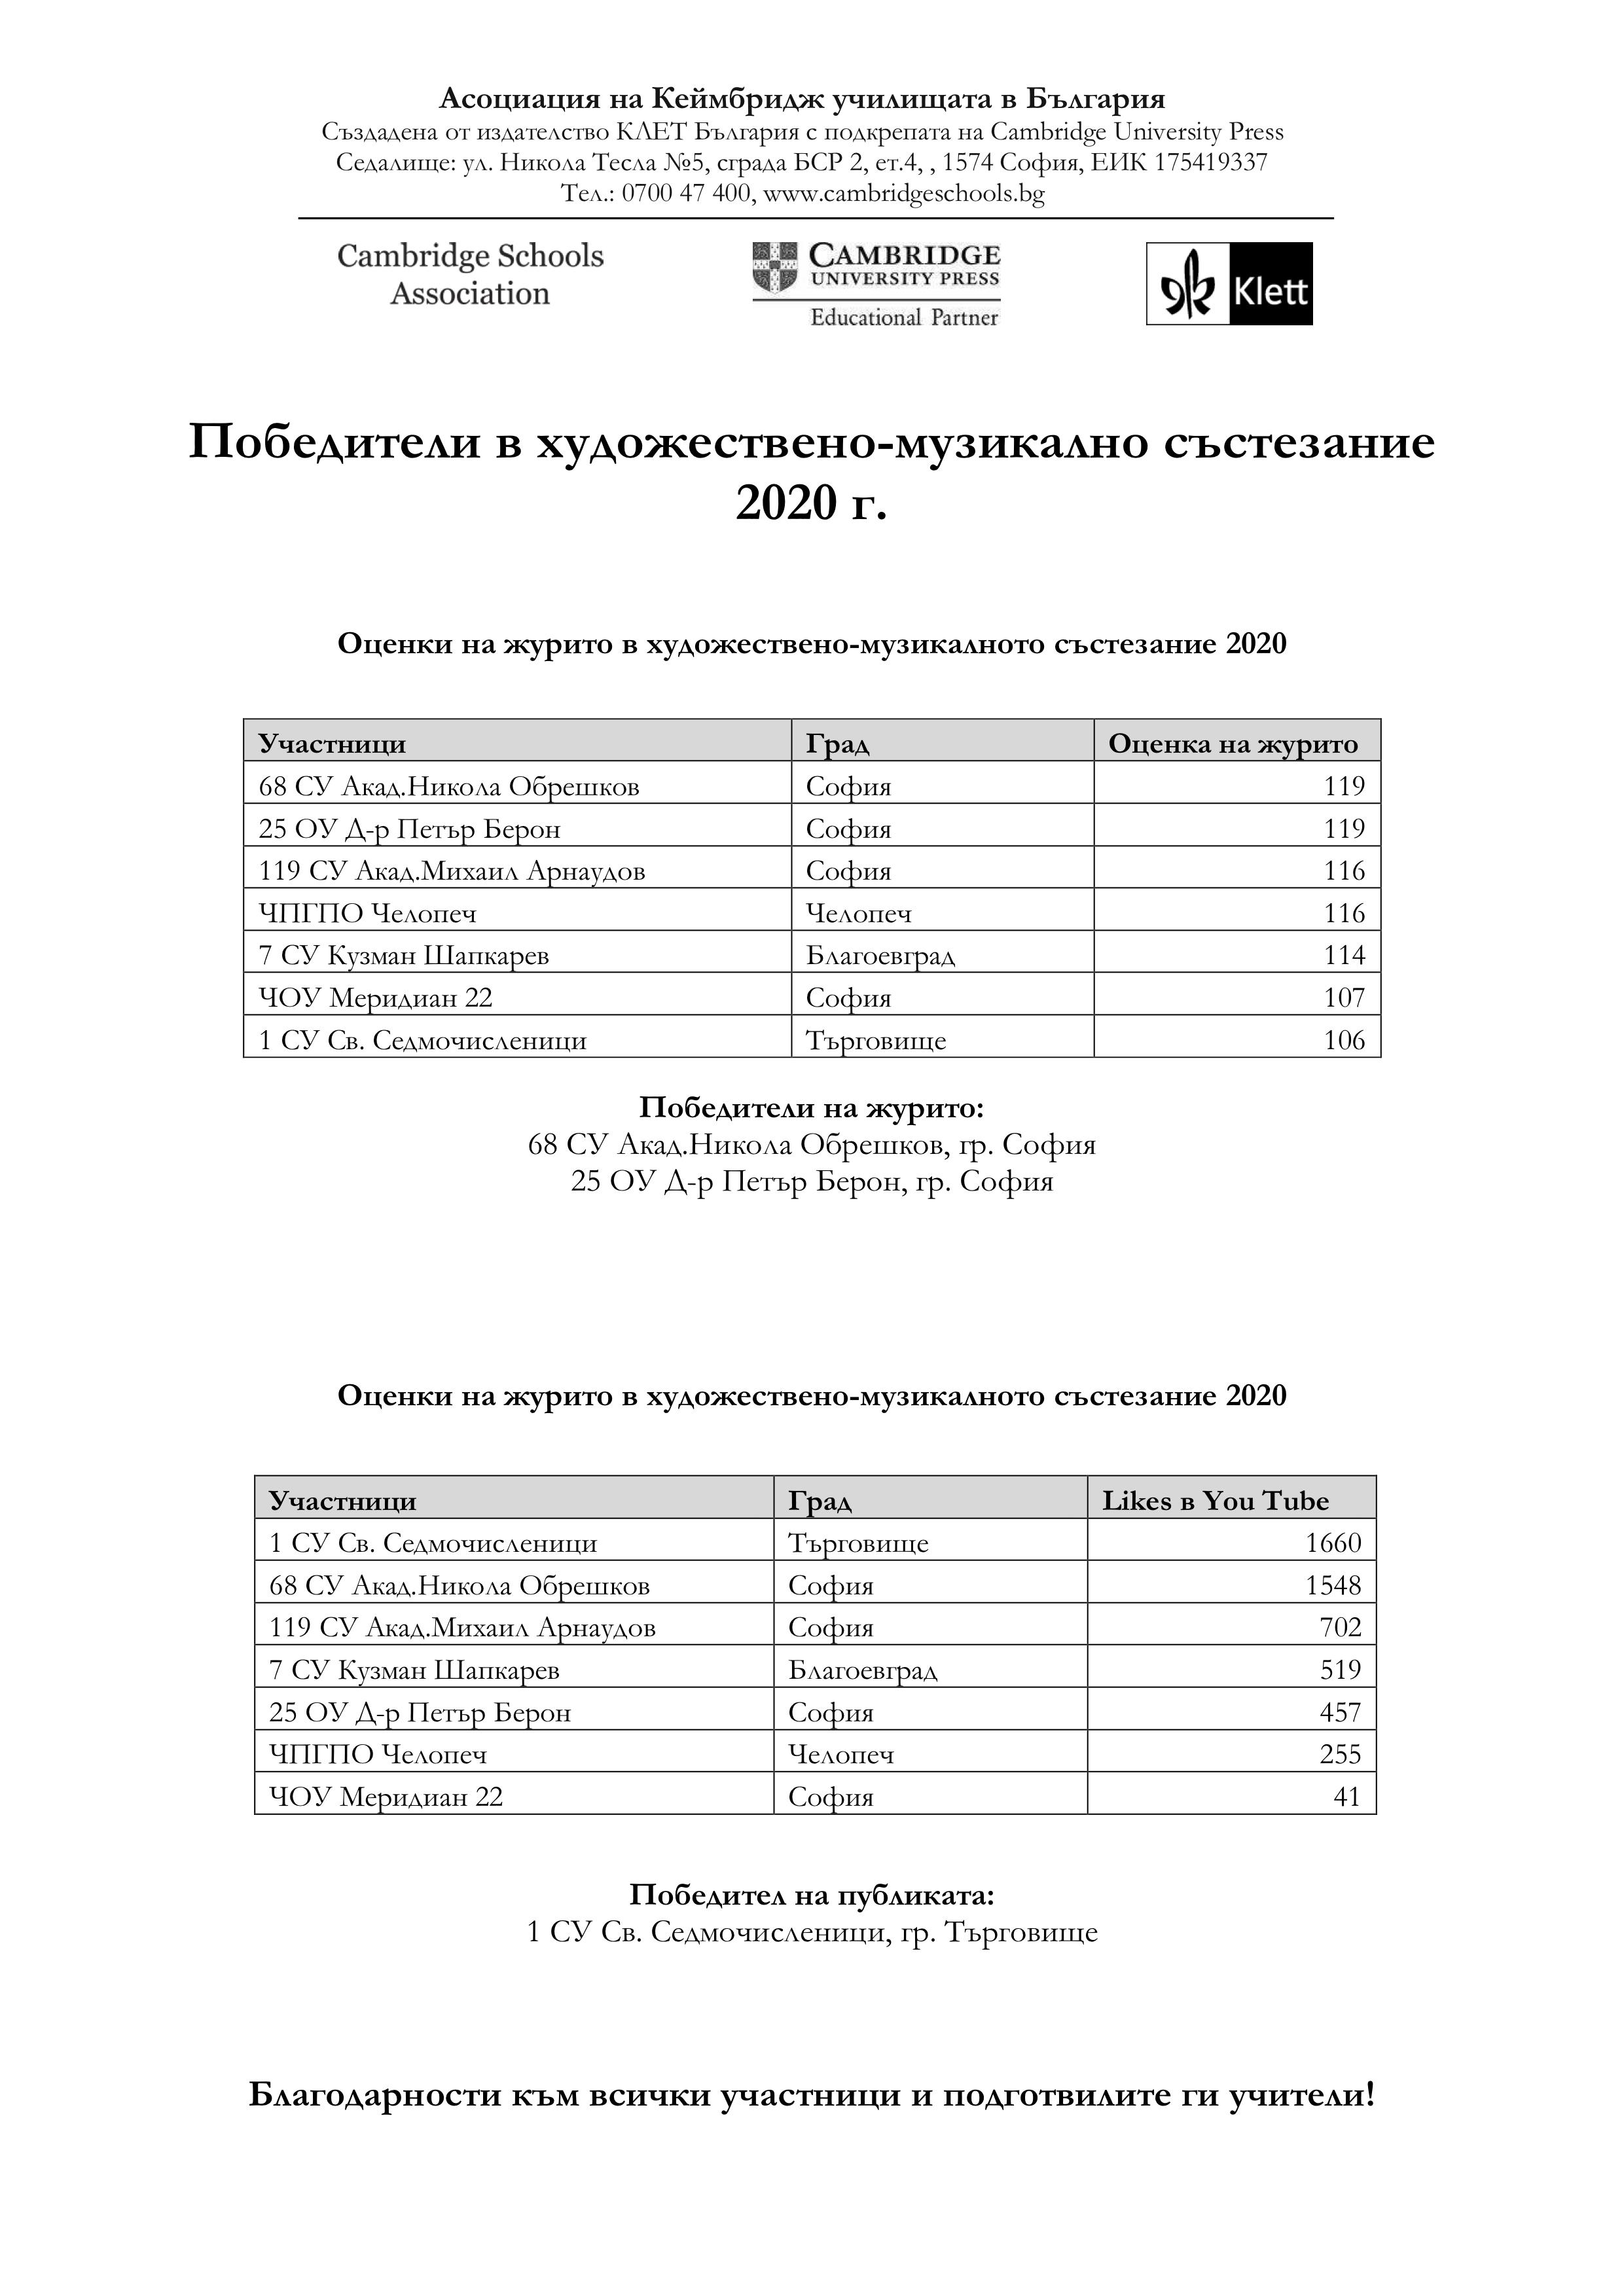 Pobediteli_v_hudojestveno_muzikalno_sastezanie_2020